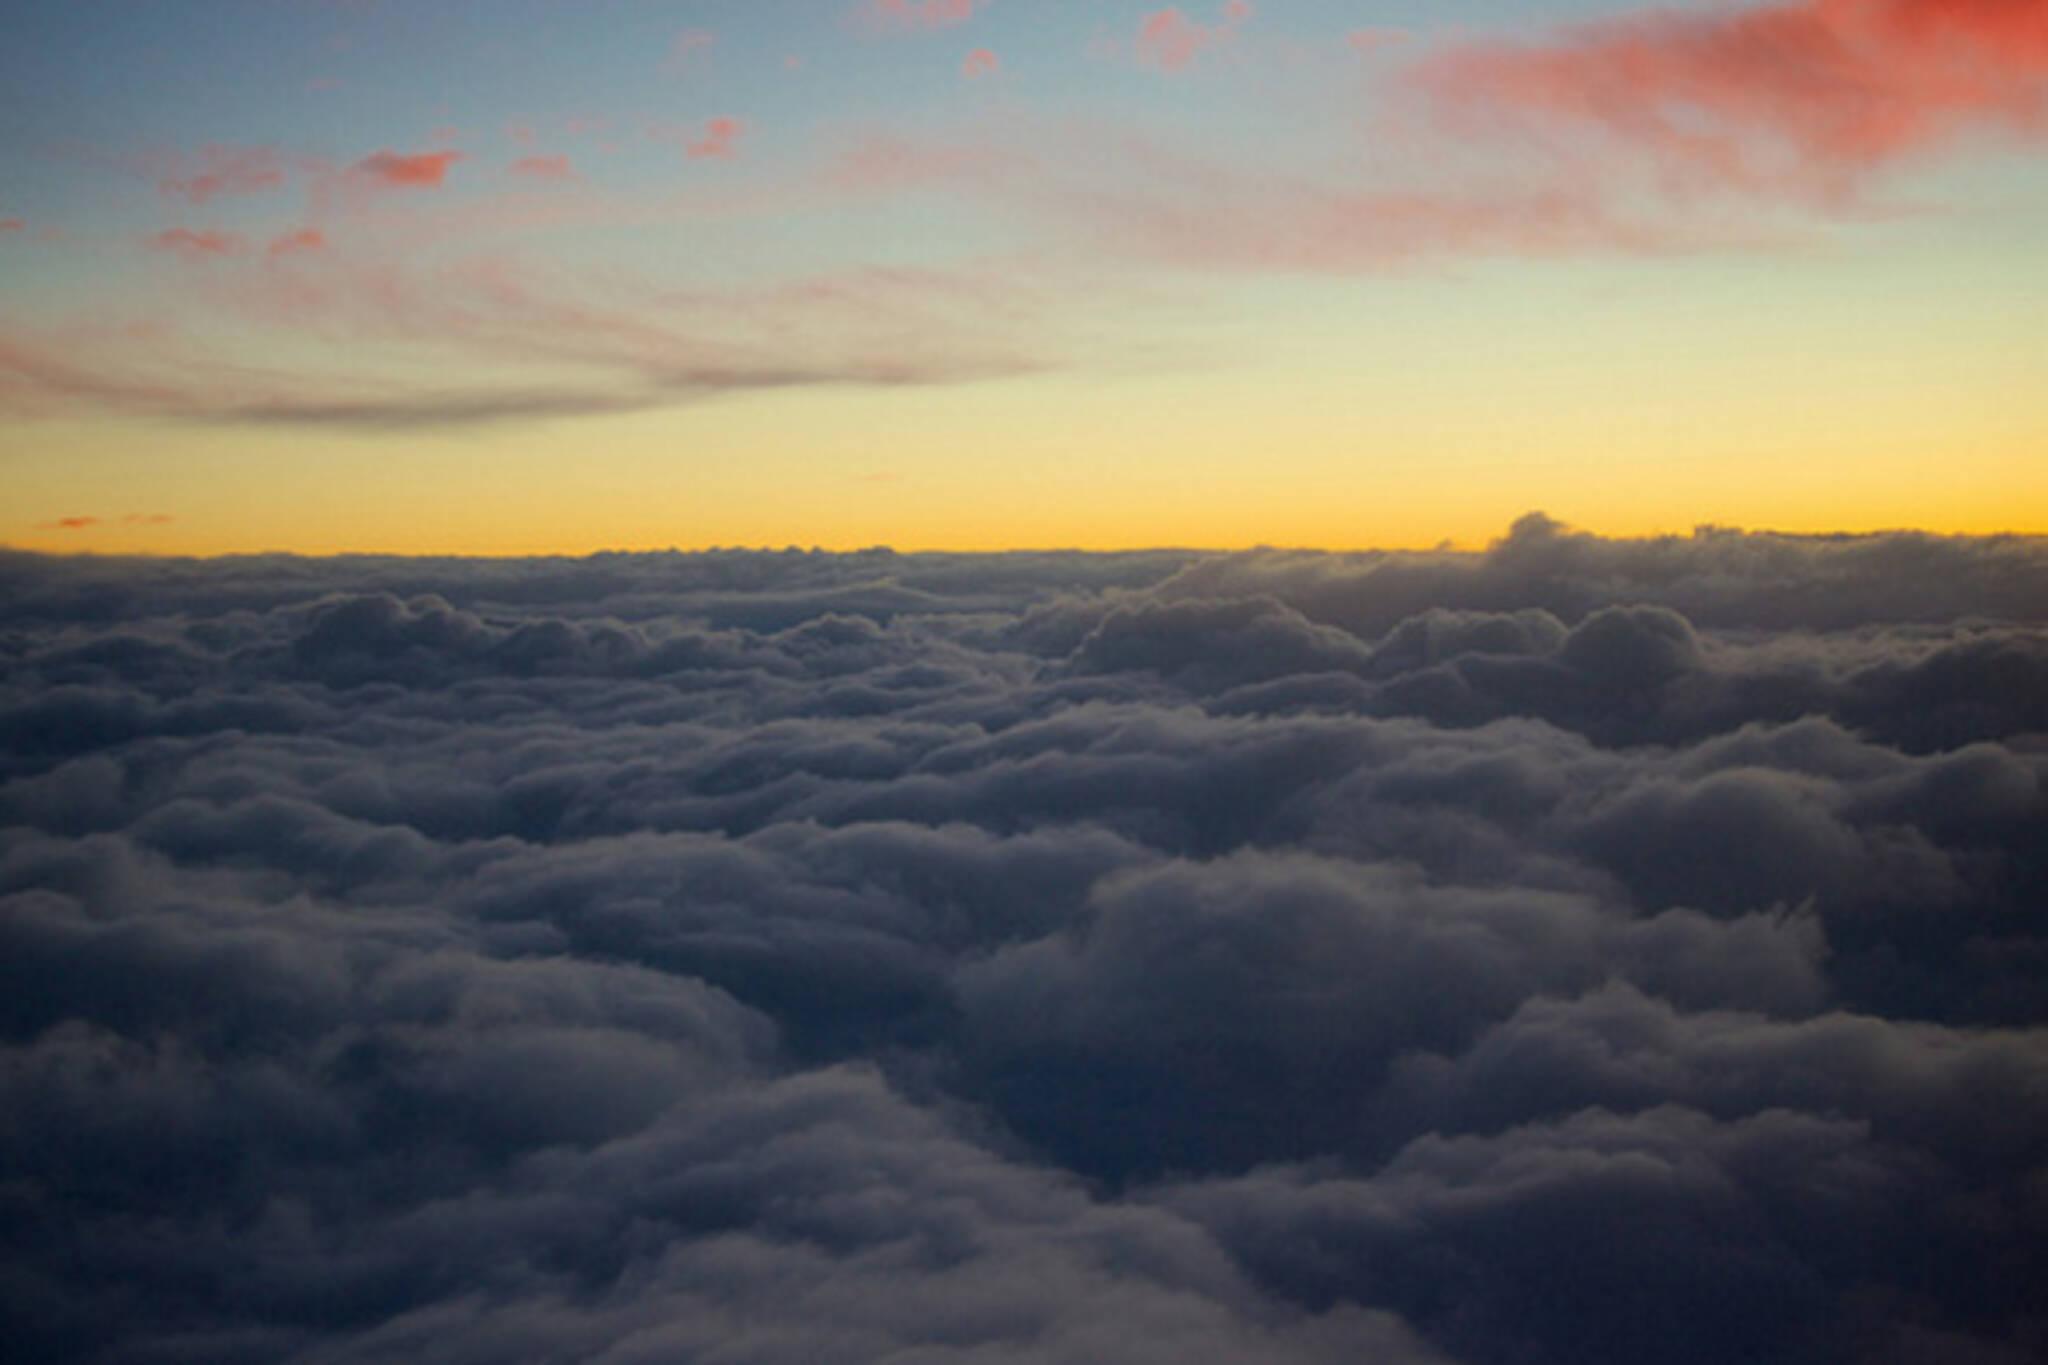 Dawn Toronto plane